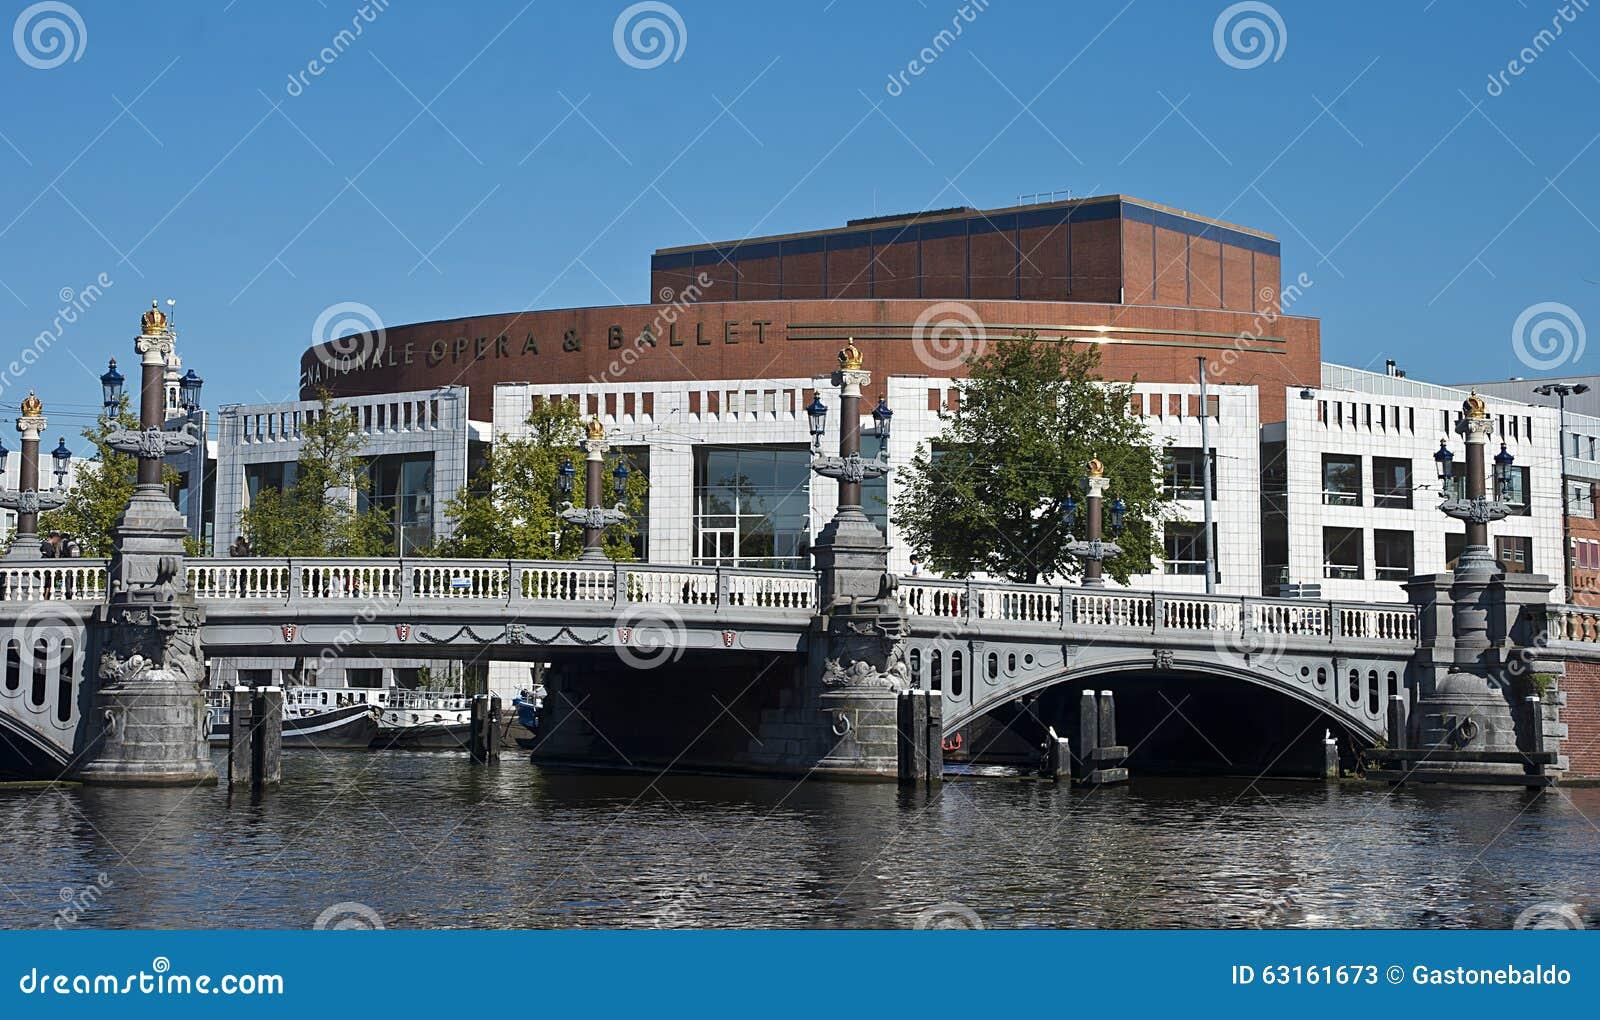 Опера UDutch национальные и балет, Амстердам, Нидерланды